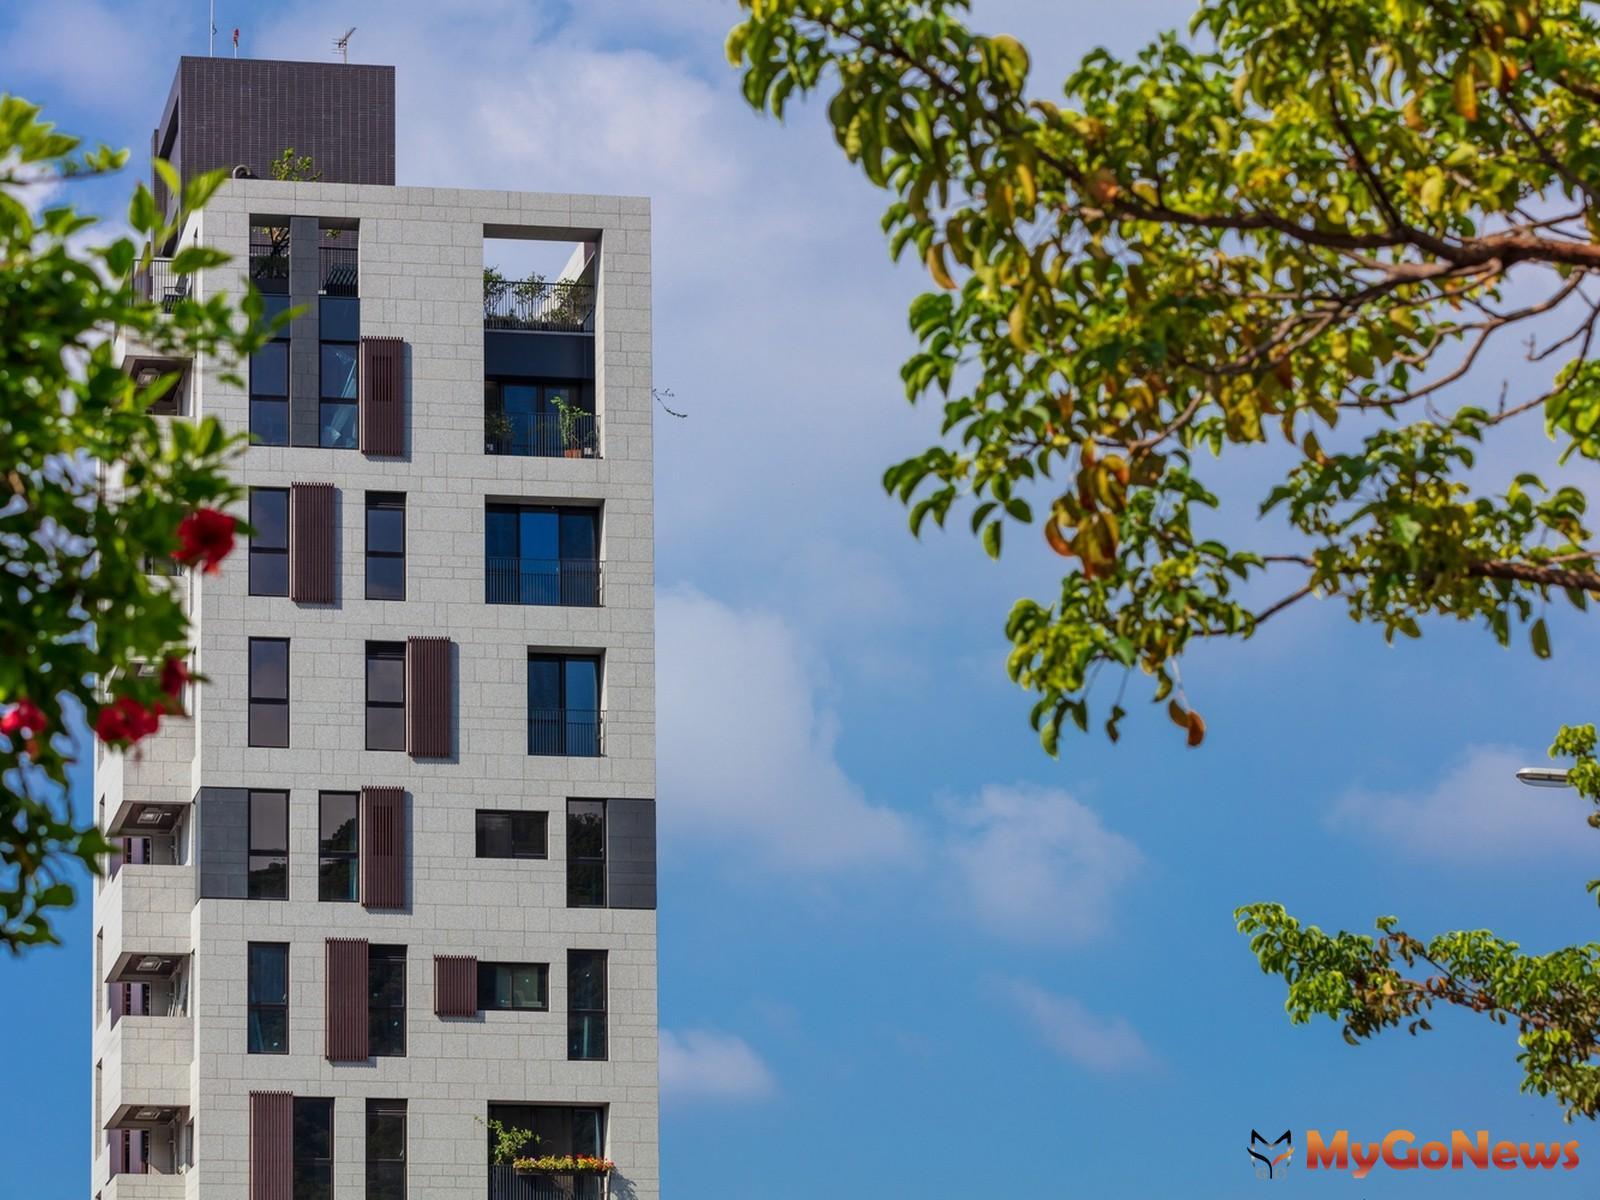 「長野米蘭」,坐落於北安路668號的黃金角地,規劃地上10層、地下4層獨棟建築(圖/業者提供)。 MyGoNews房地產新聞 熱銷推案